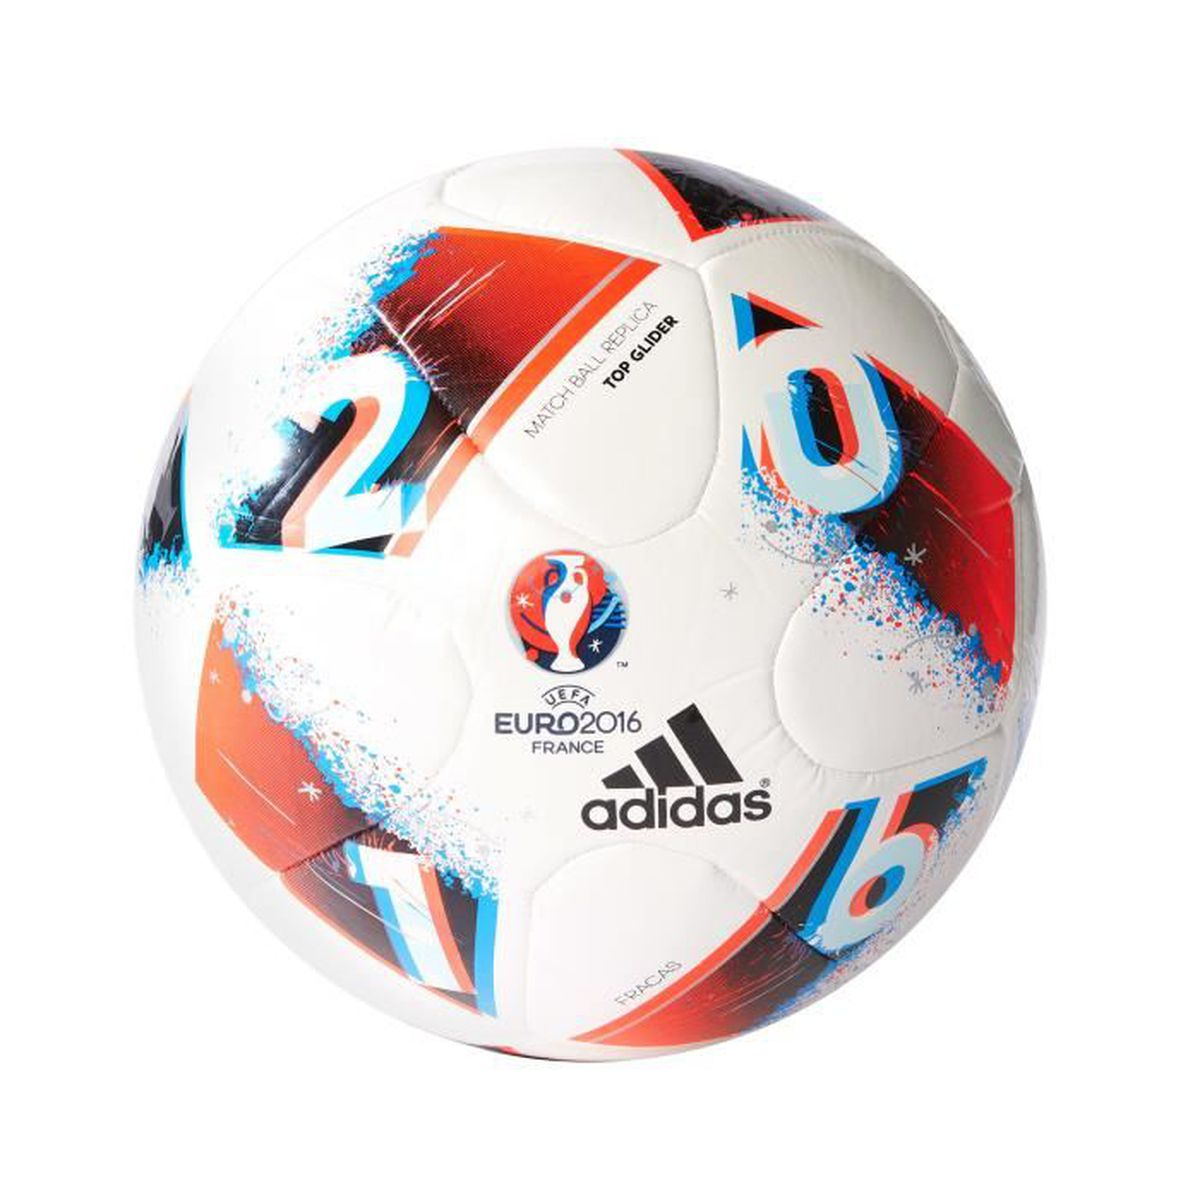 ballon football adidas soldes